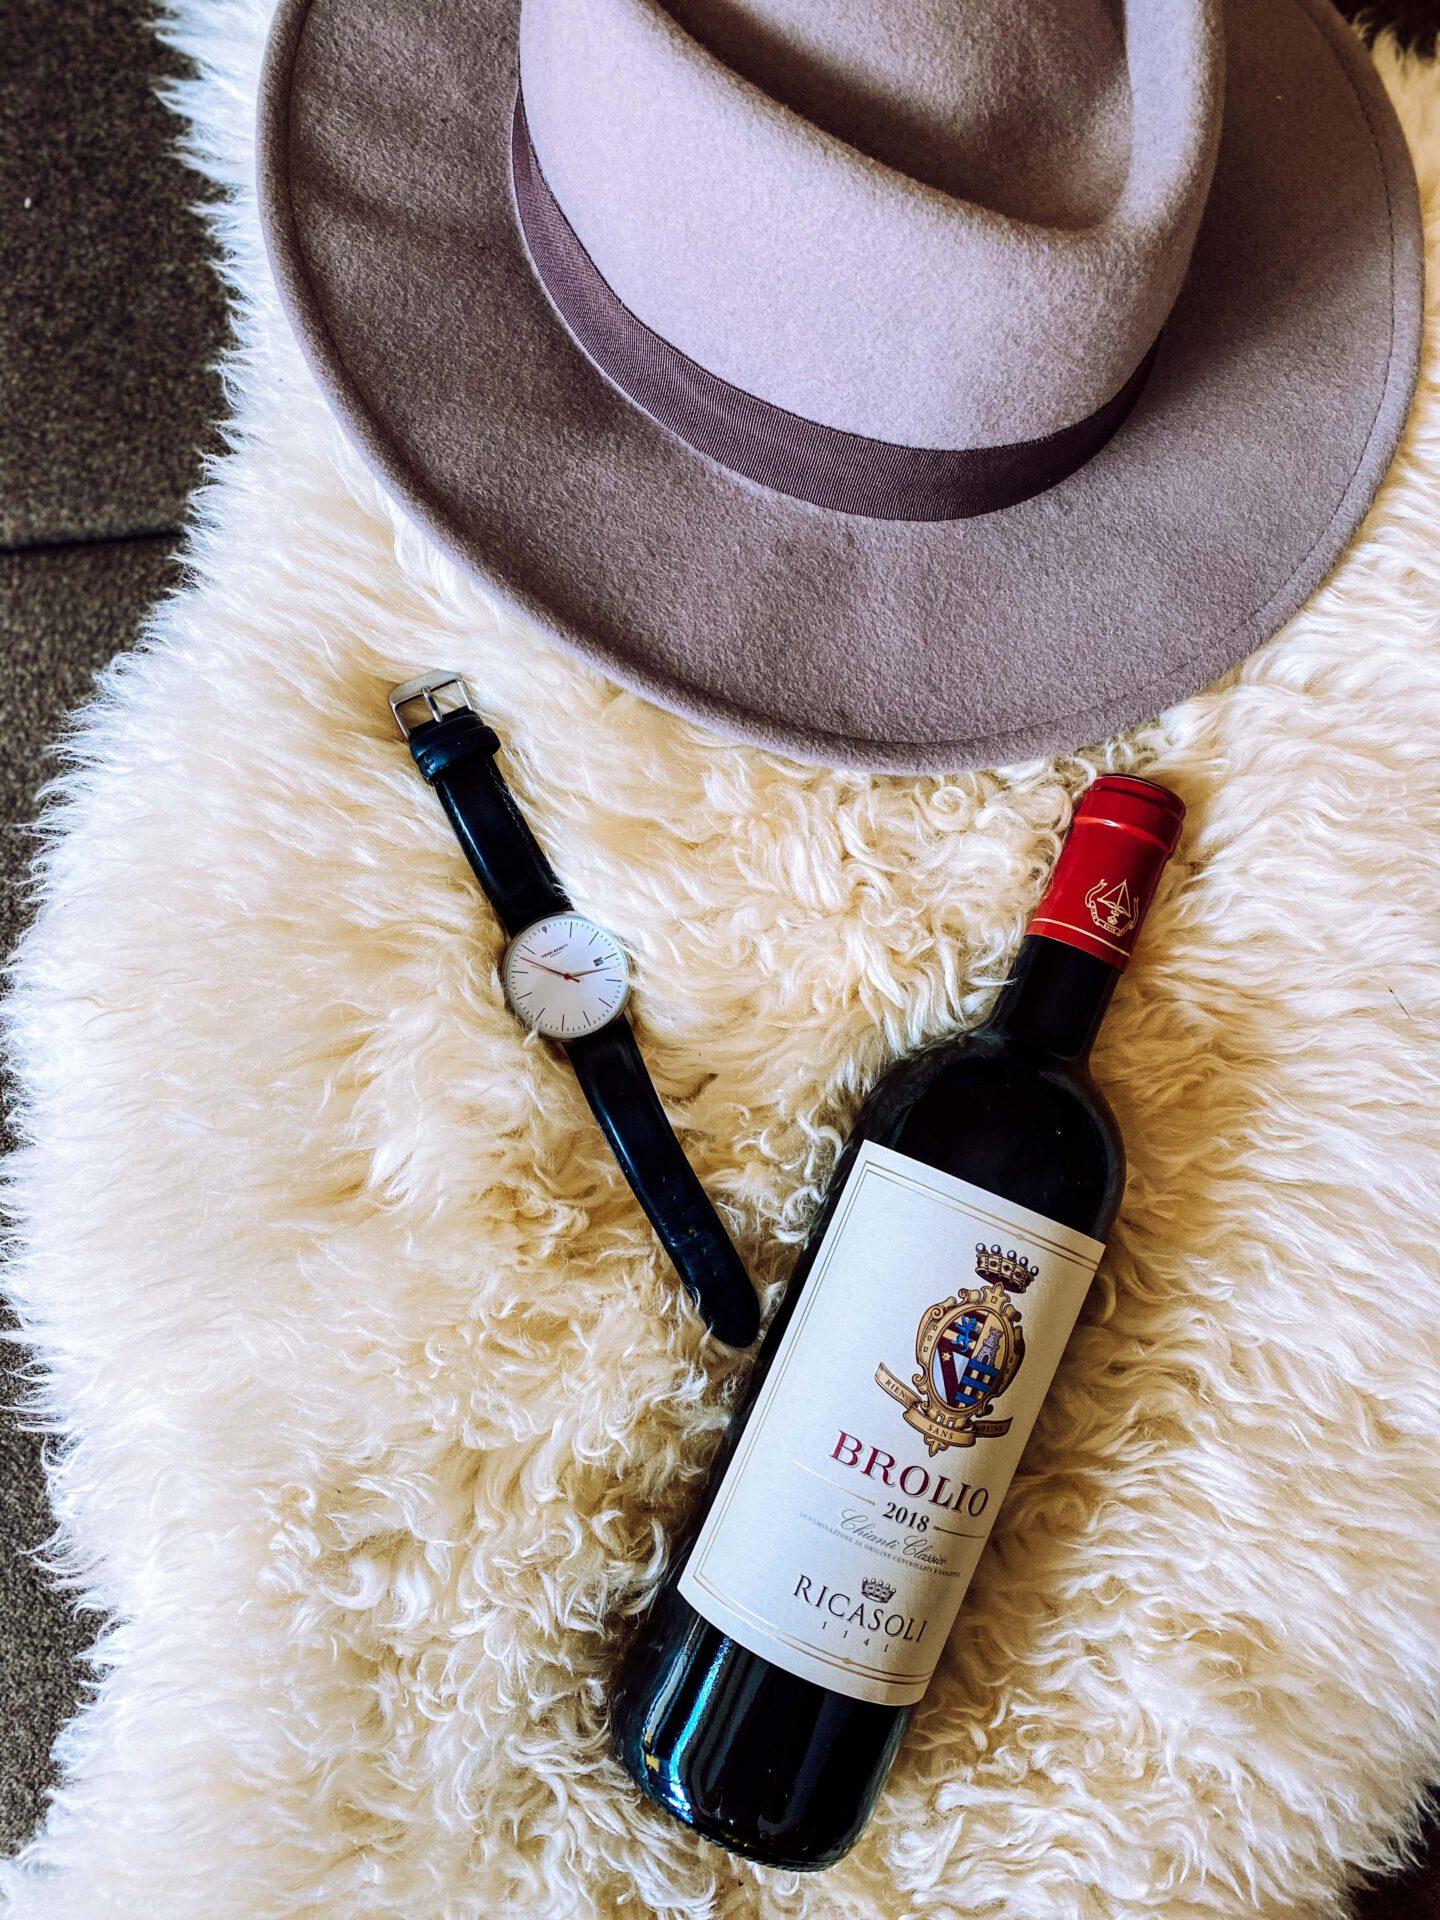 ricasoli brolio rotwein italien gentlemens journey Wein-Geheimtipps